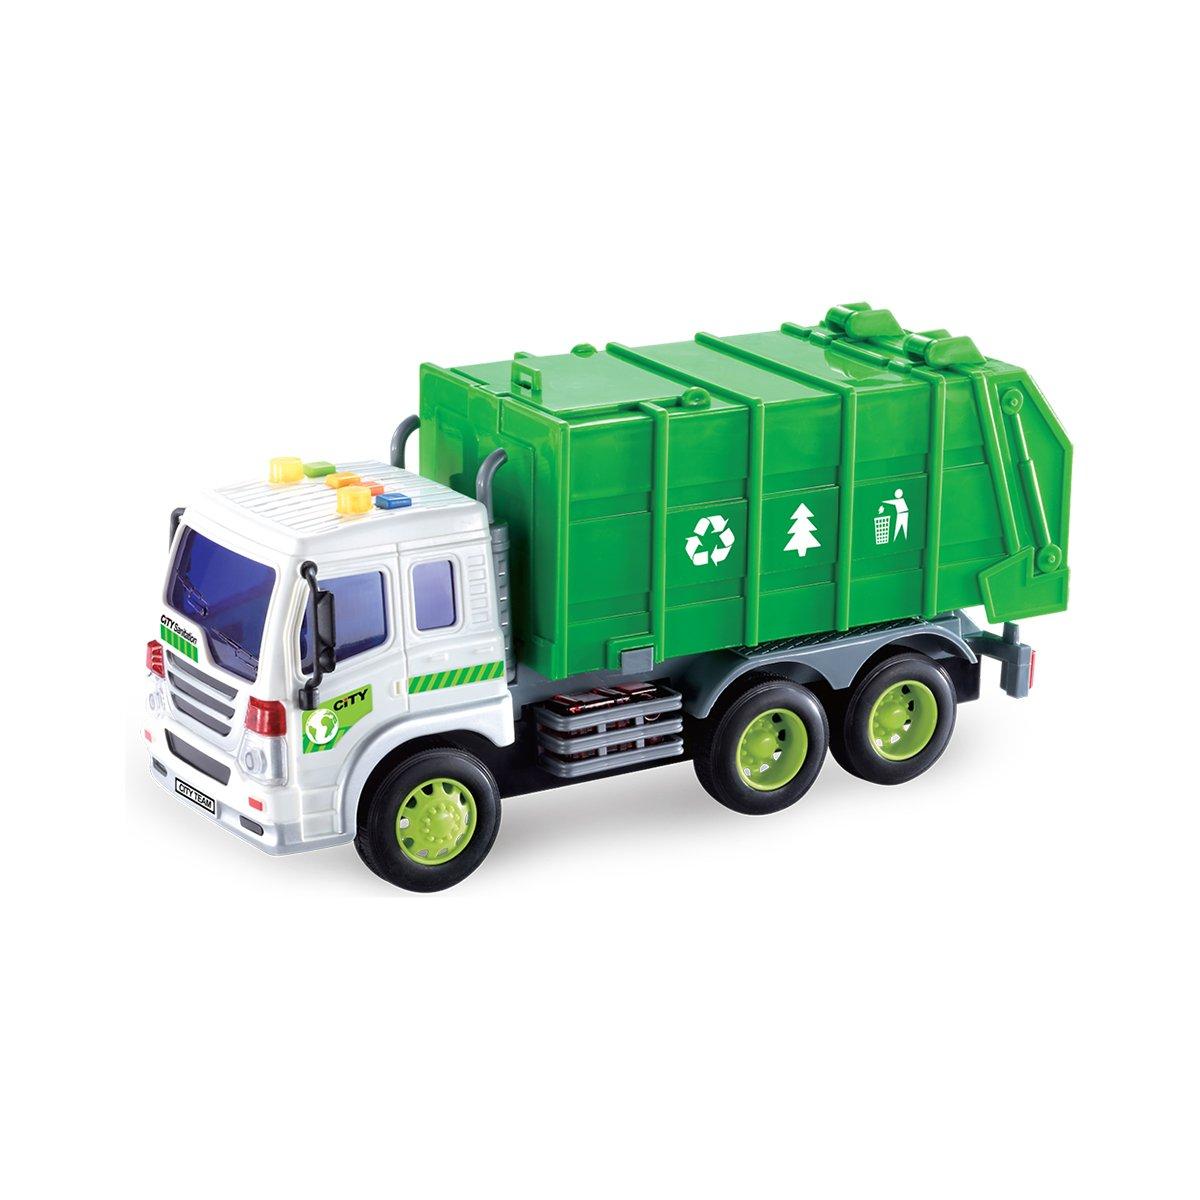 Masina de reciclare cu lumini si sunete Cool Machines, Verde